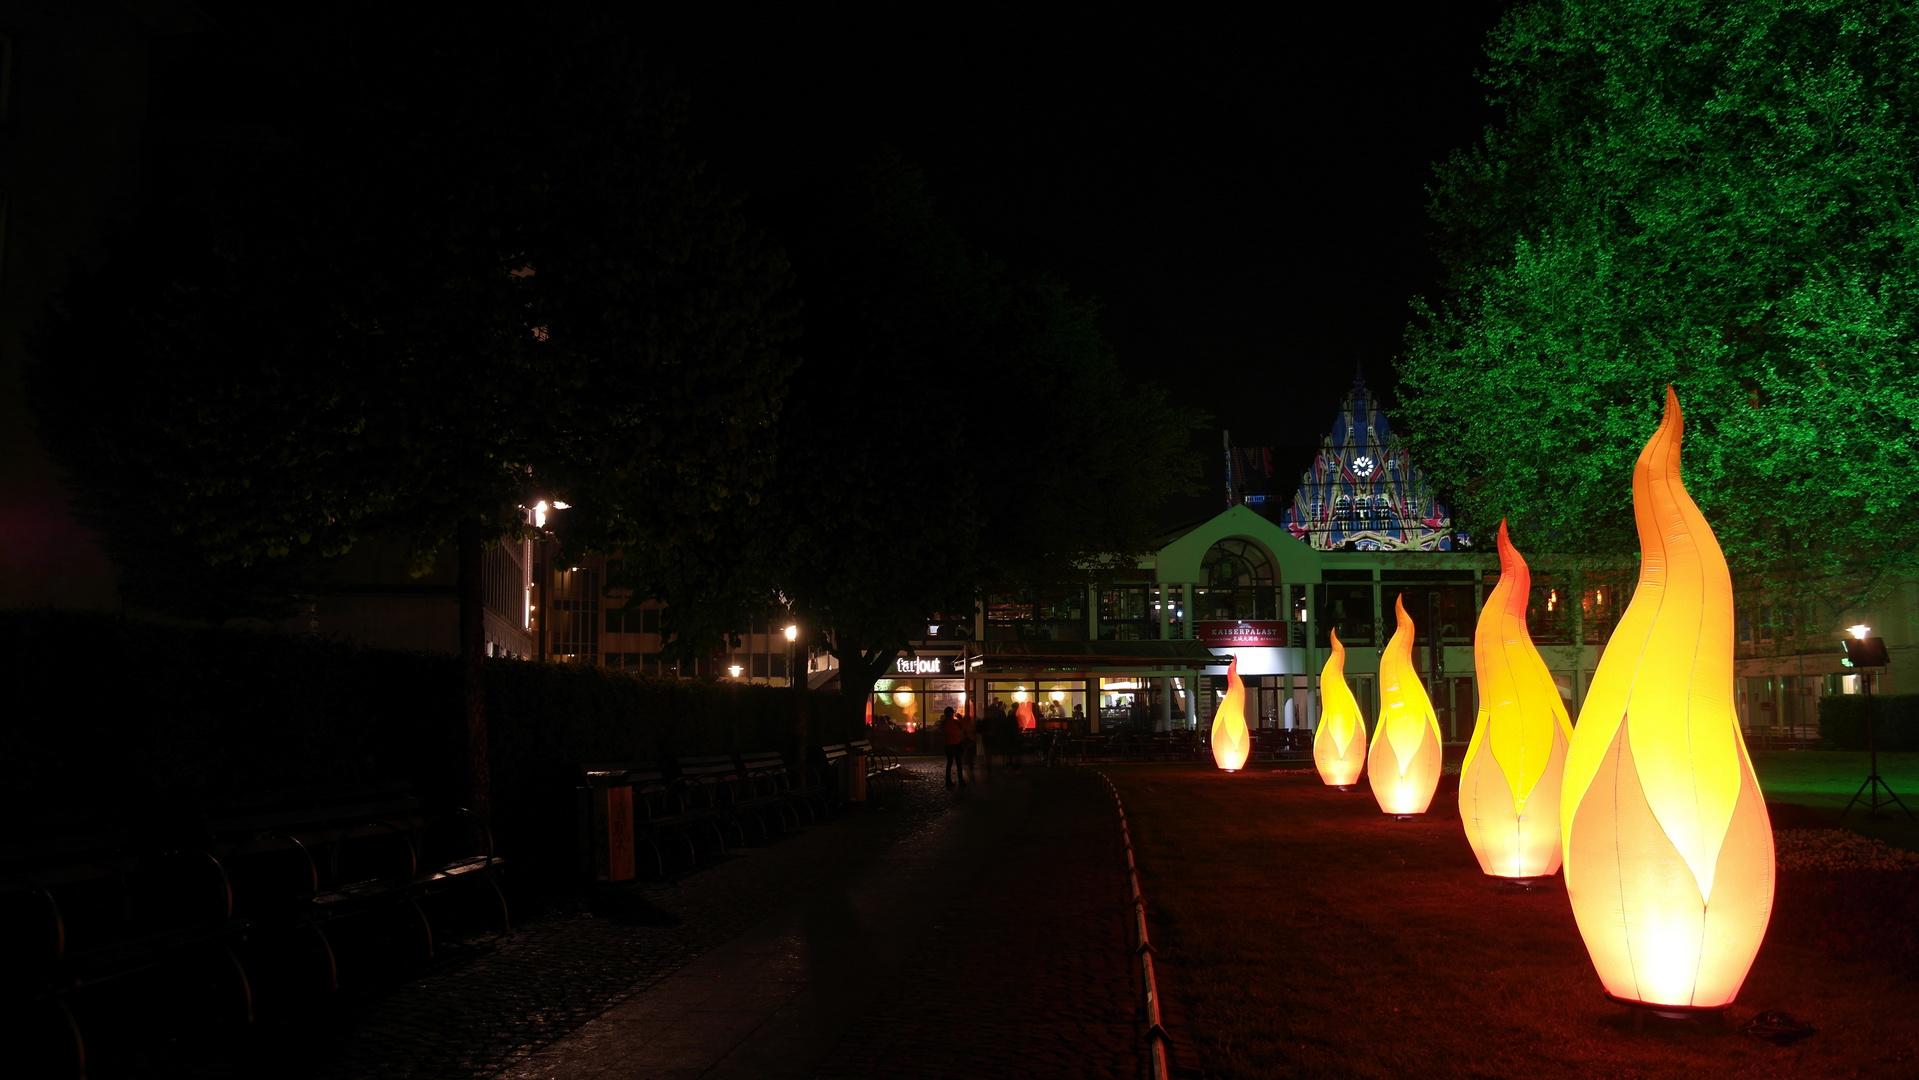 Bielefelder Nachtansichten Rathaus